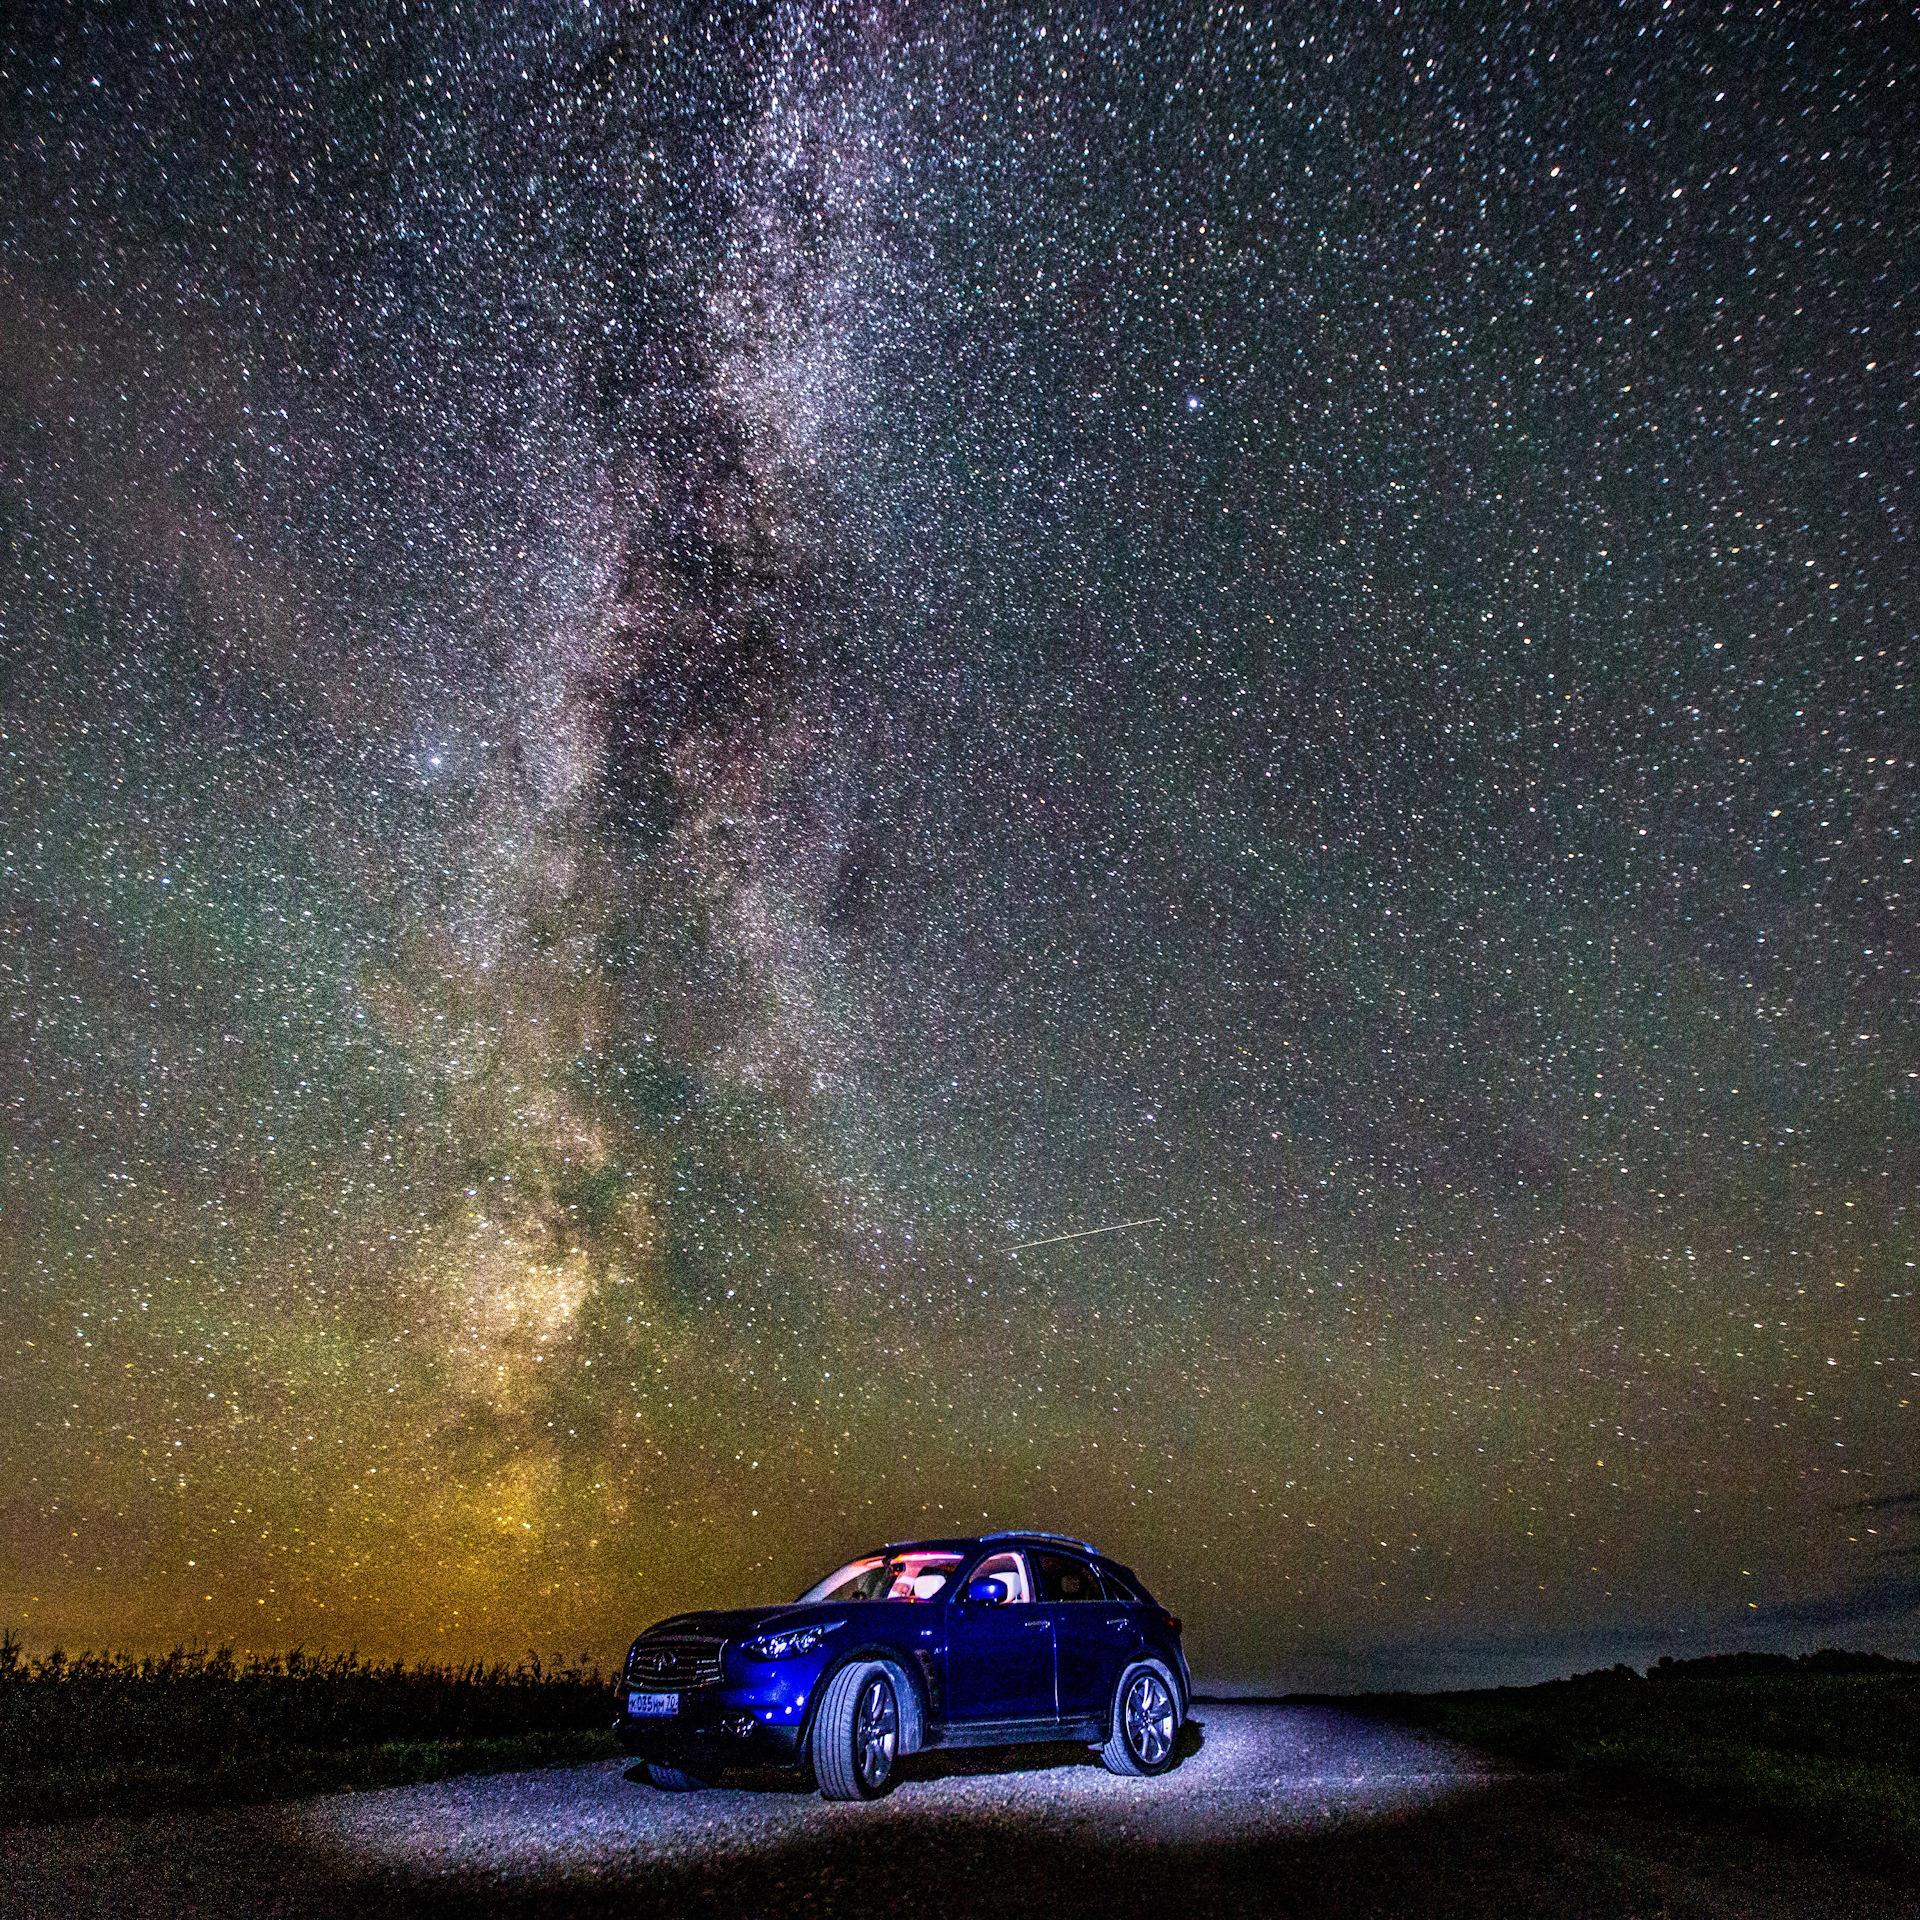 тот как сфотографировать млечный путь с земли этот